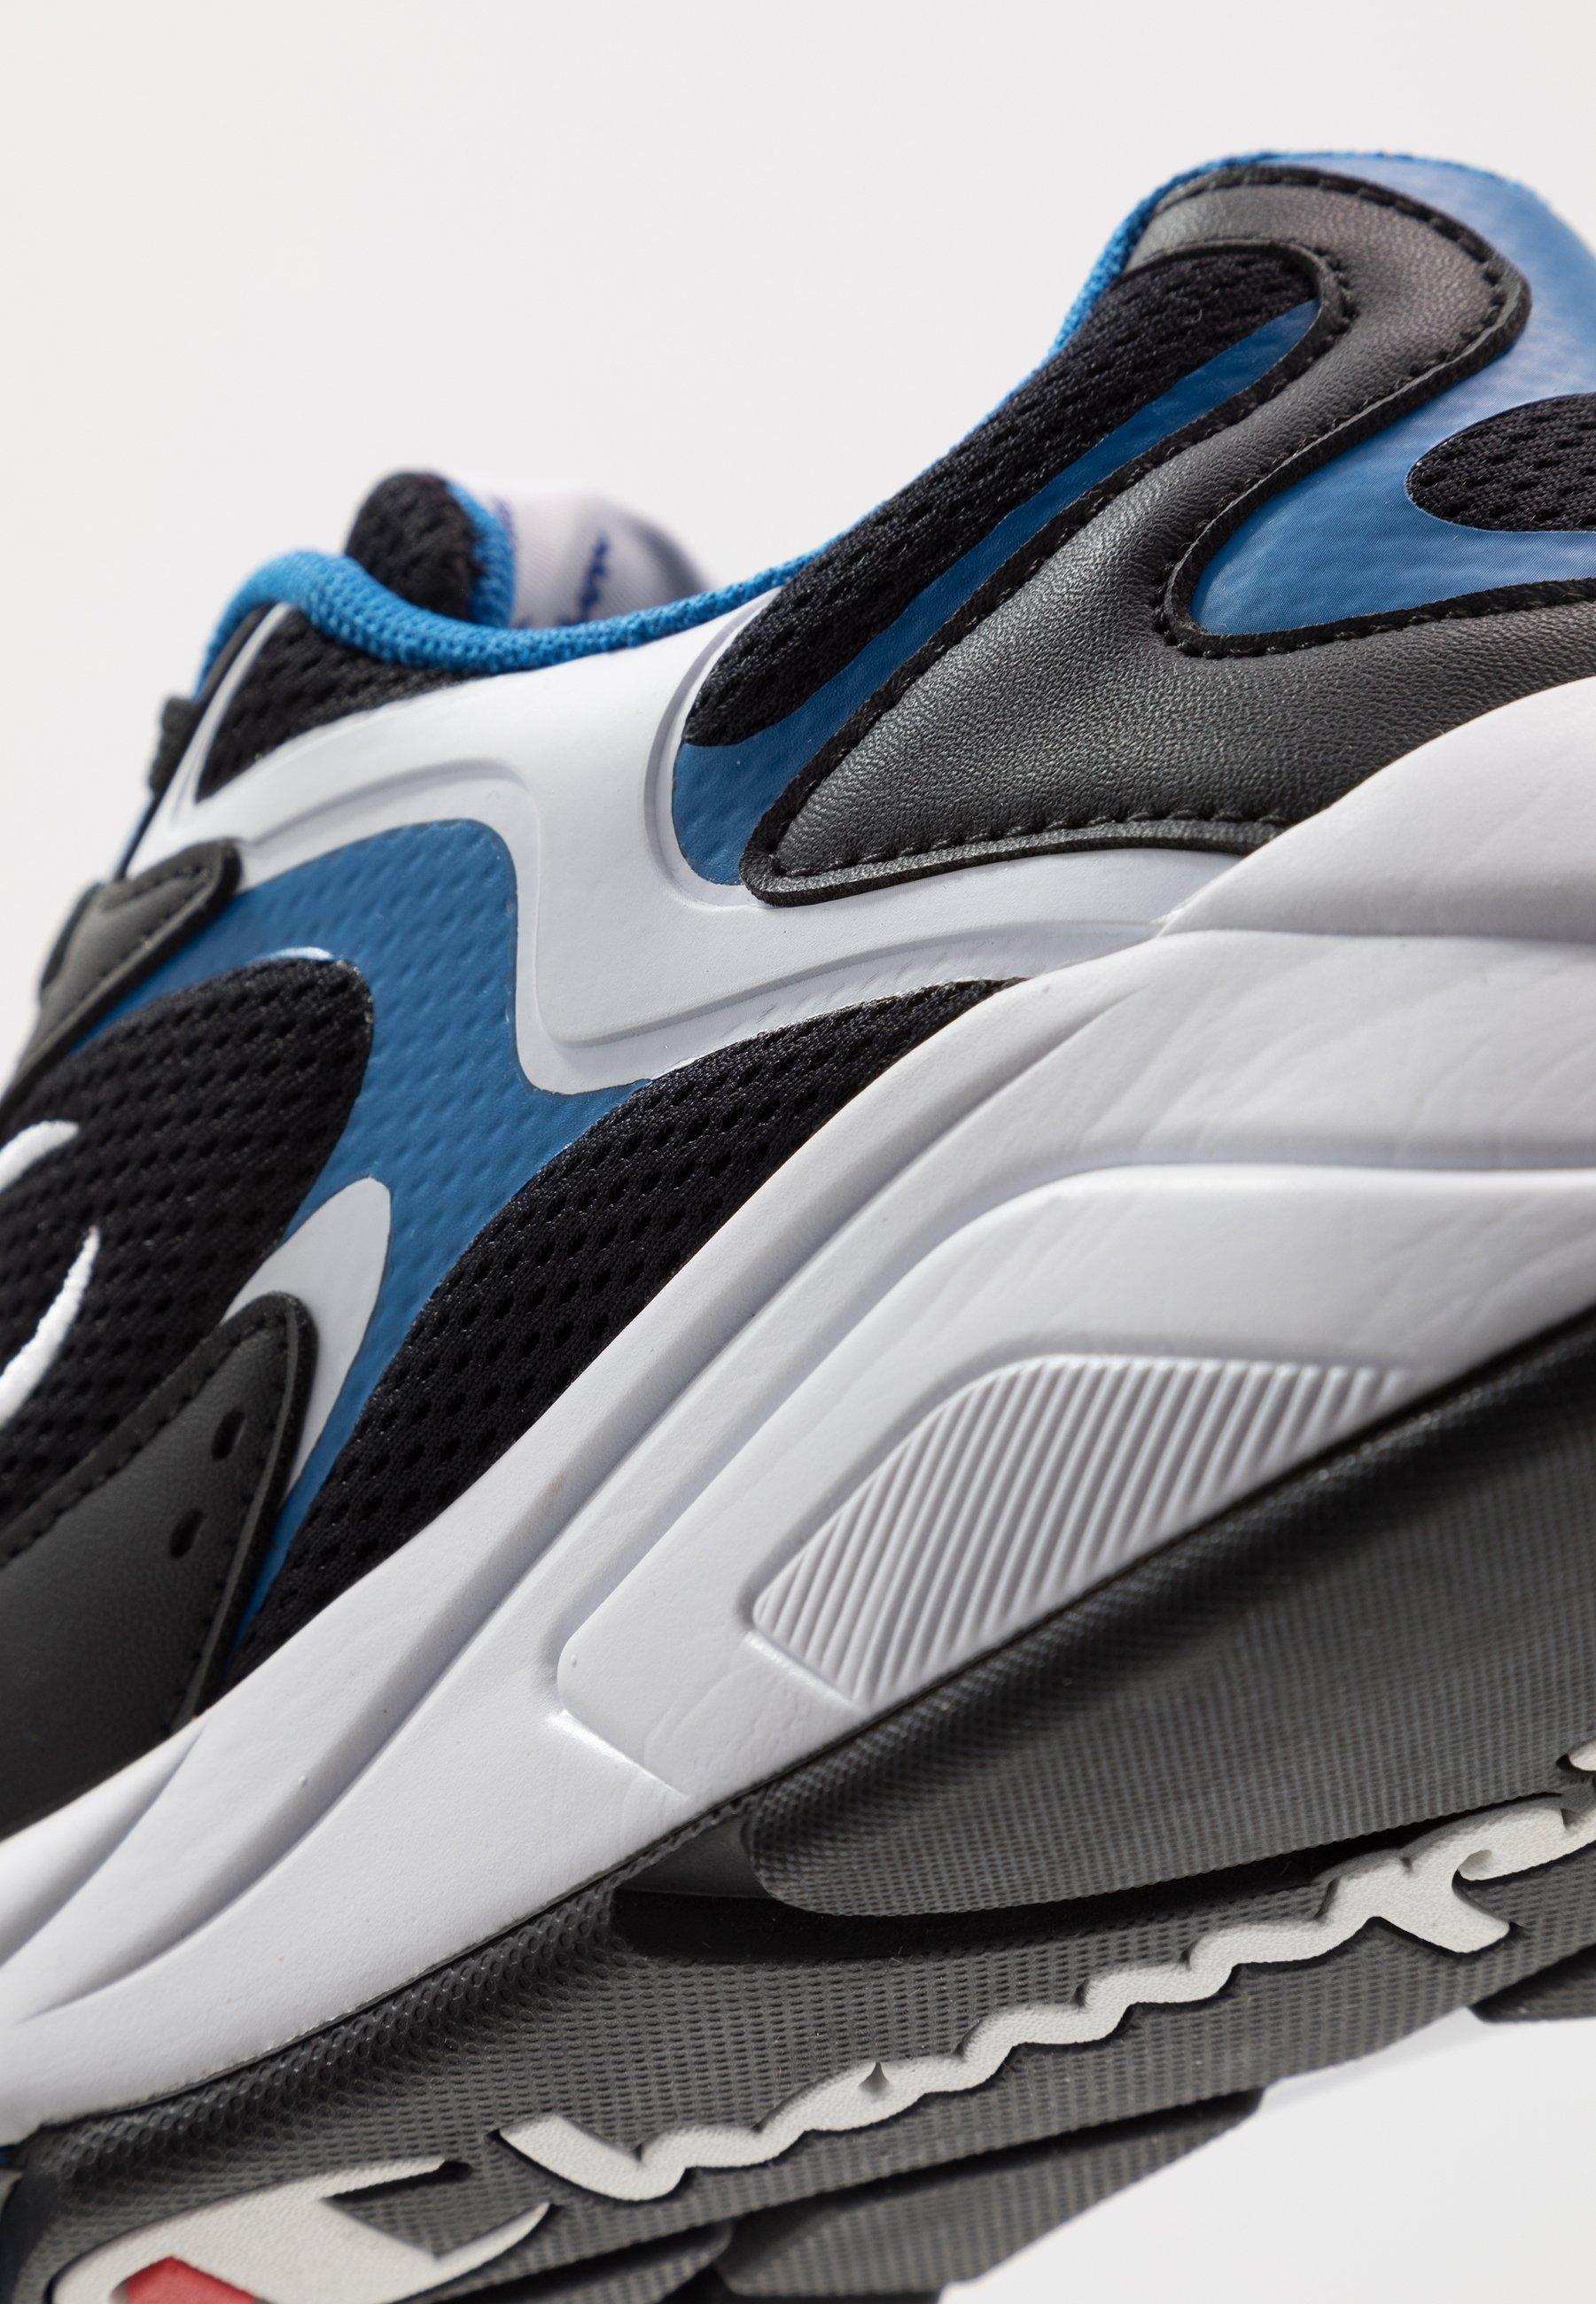 Champion Low Cut Shoe Lexington 200 - Chaussures D'entraînement Et De Fitness New Black/royal Blue/white